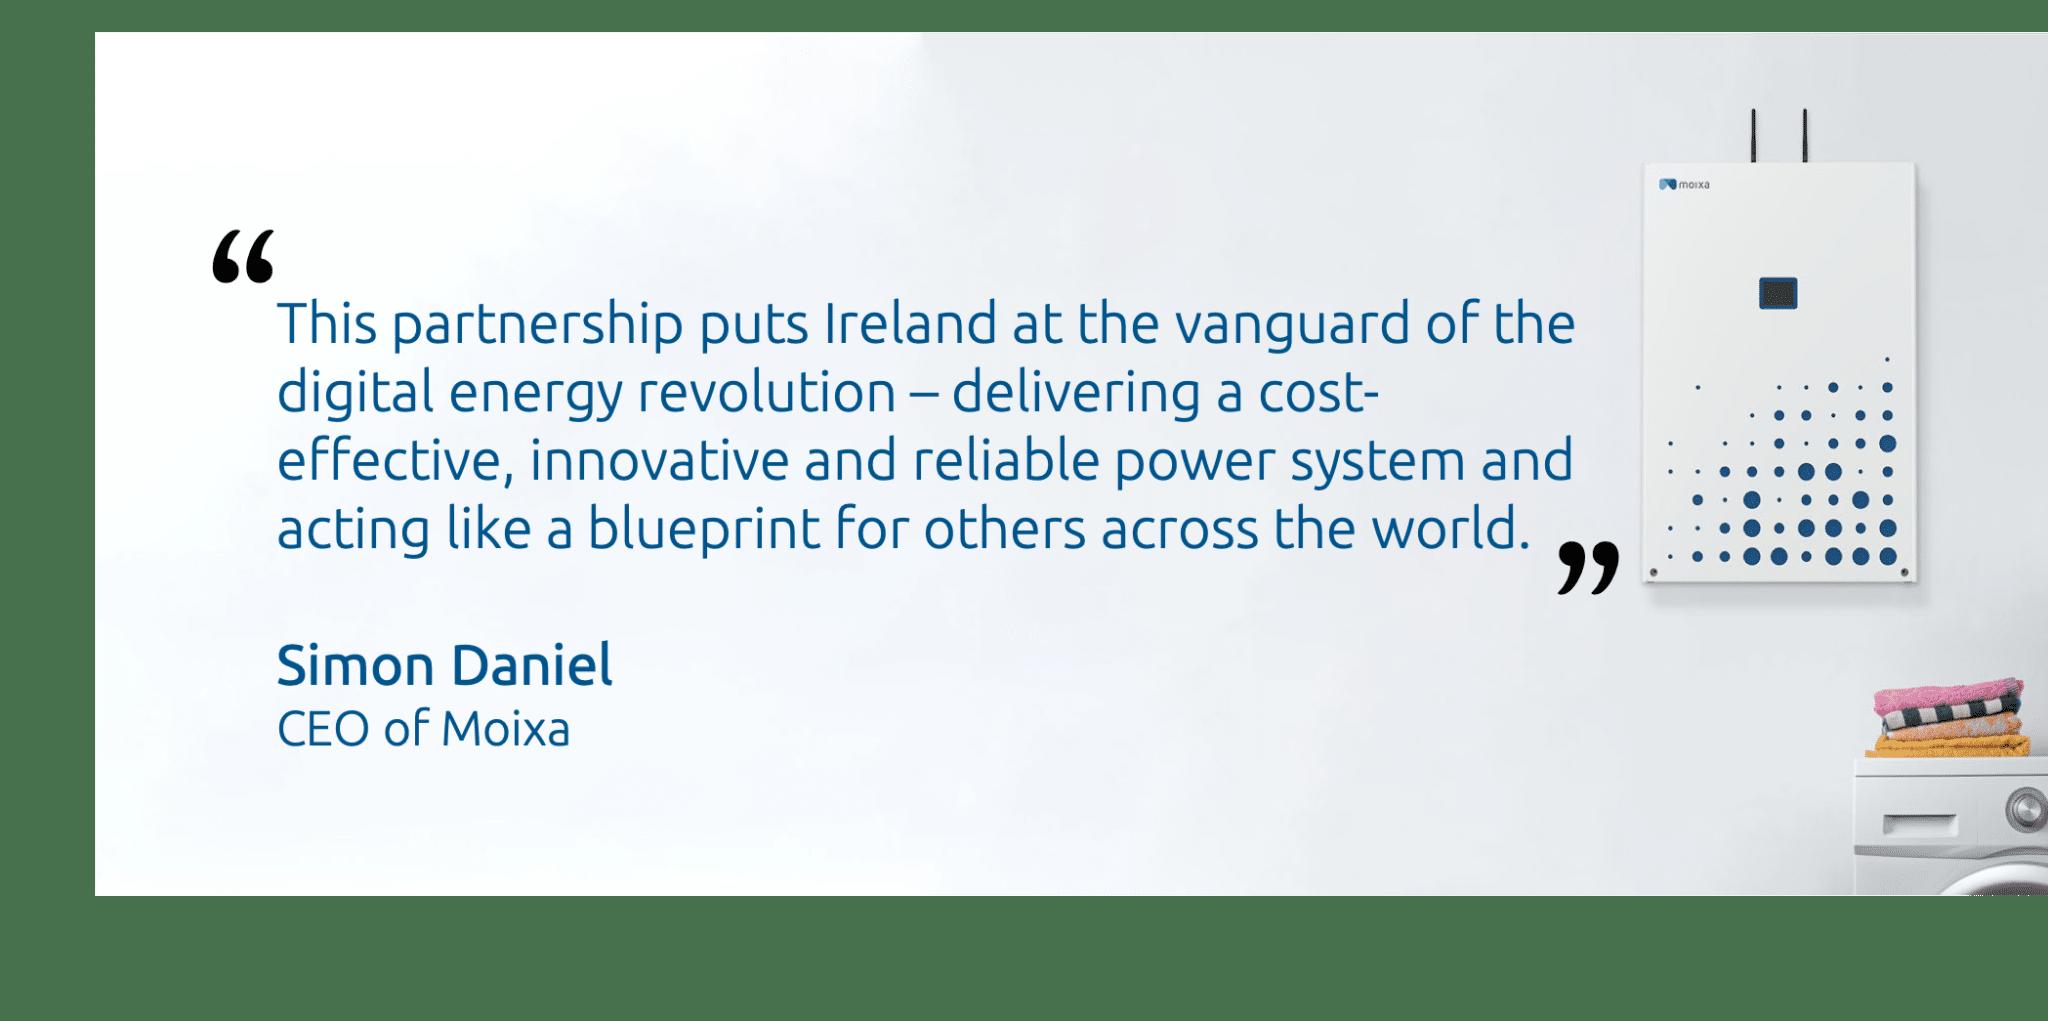 Simon Daniel quote about Energia Partnership